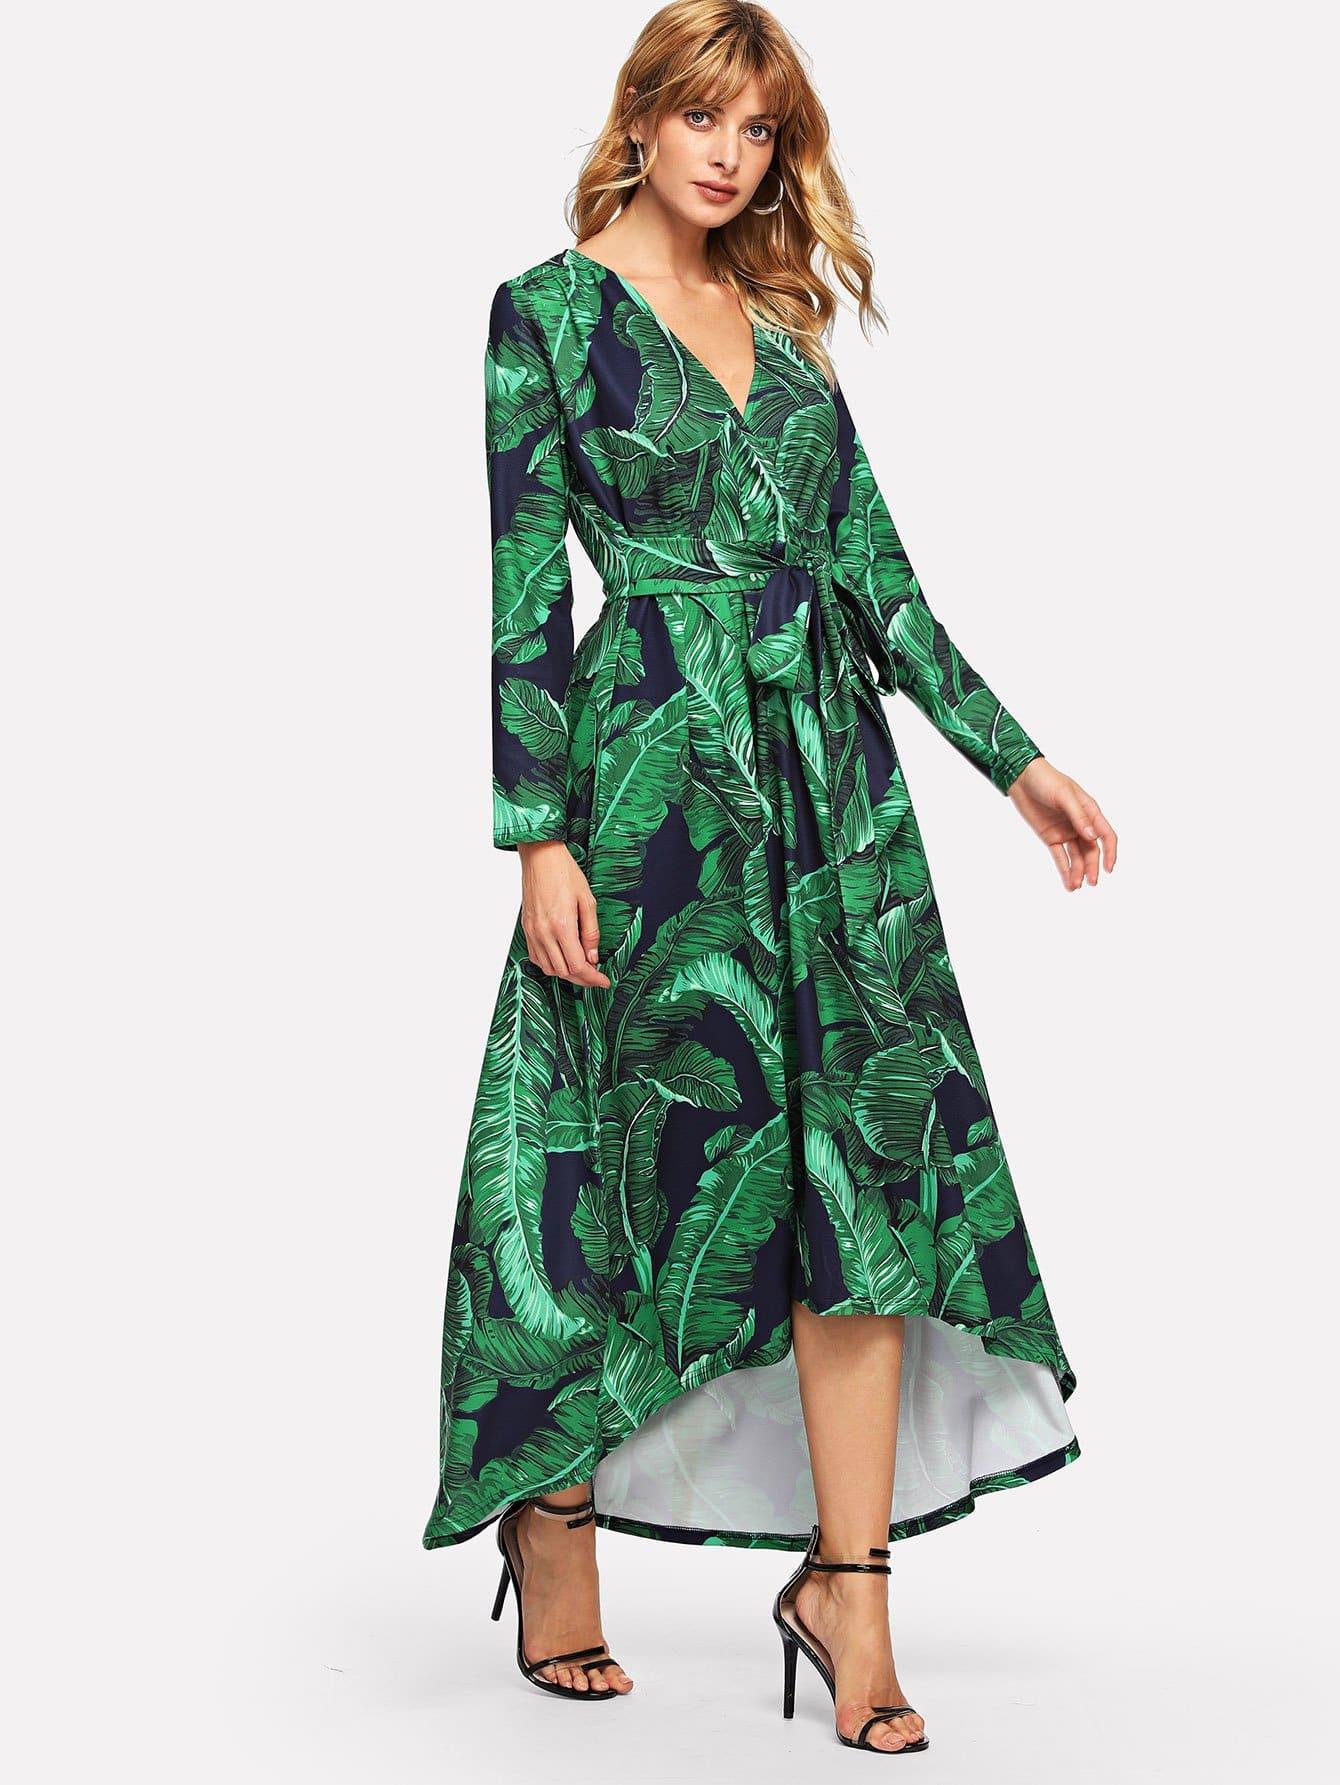 Купить Платье для обложки печатной ленты Palm Leaf, Masha, SheIn